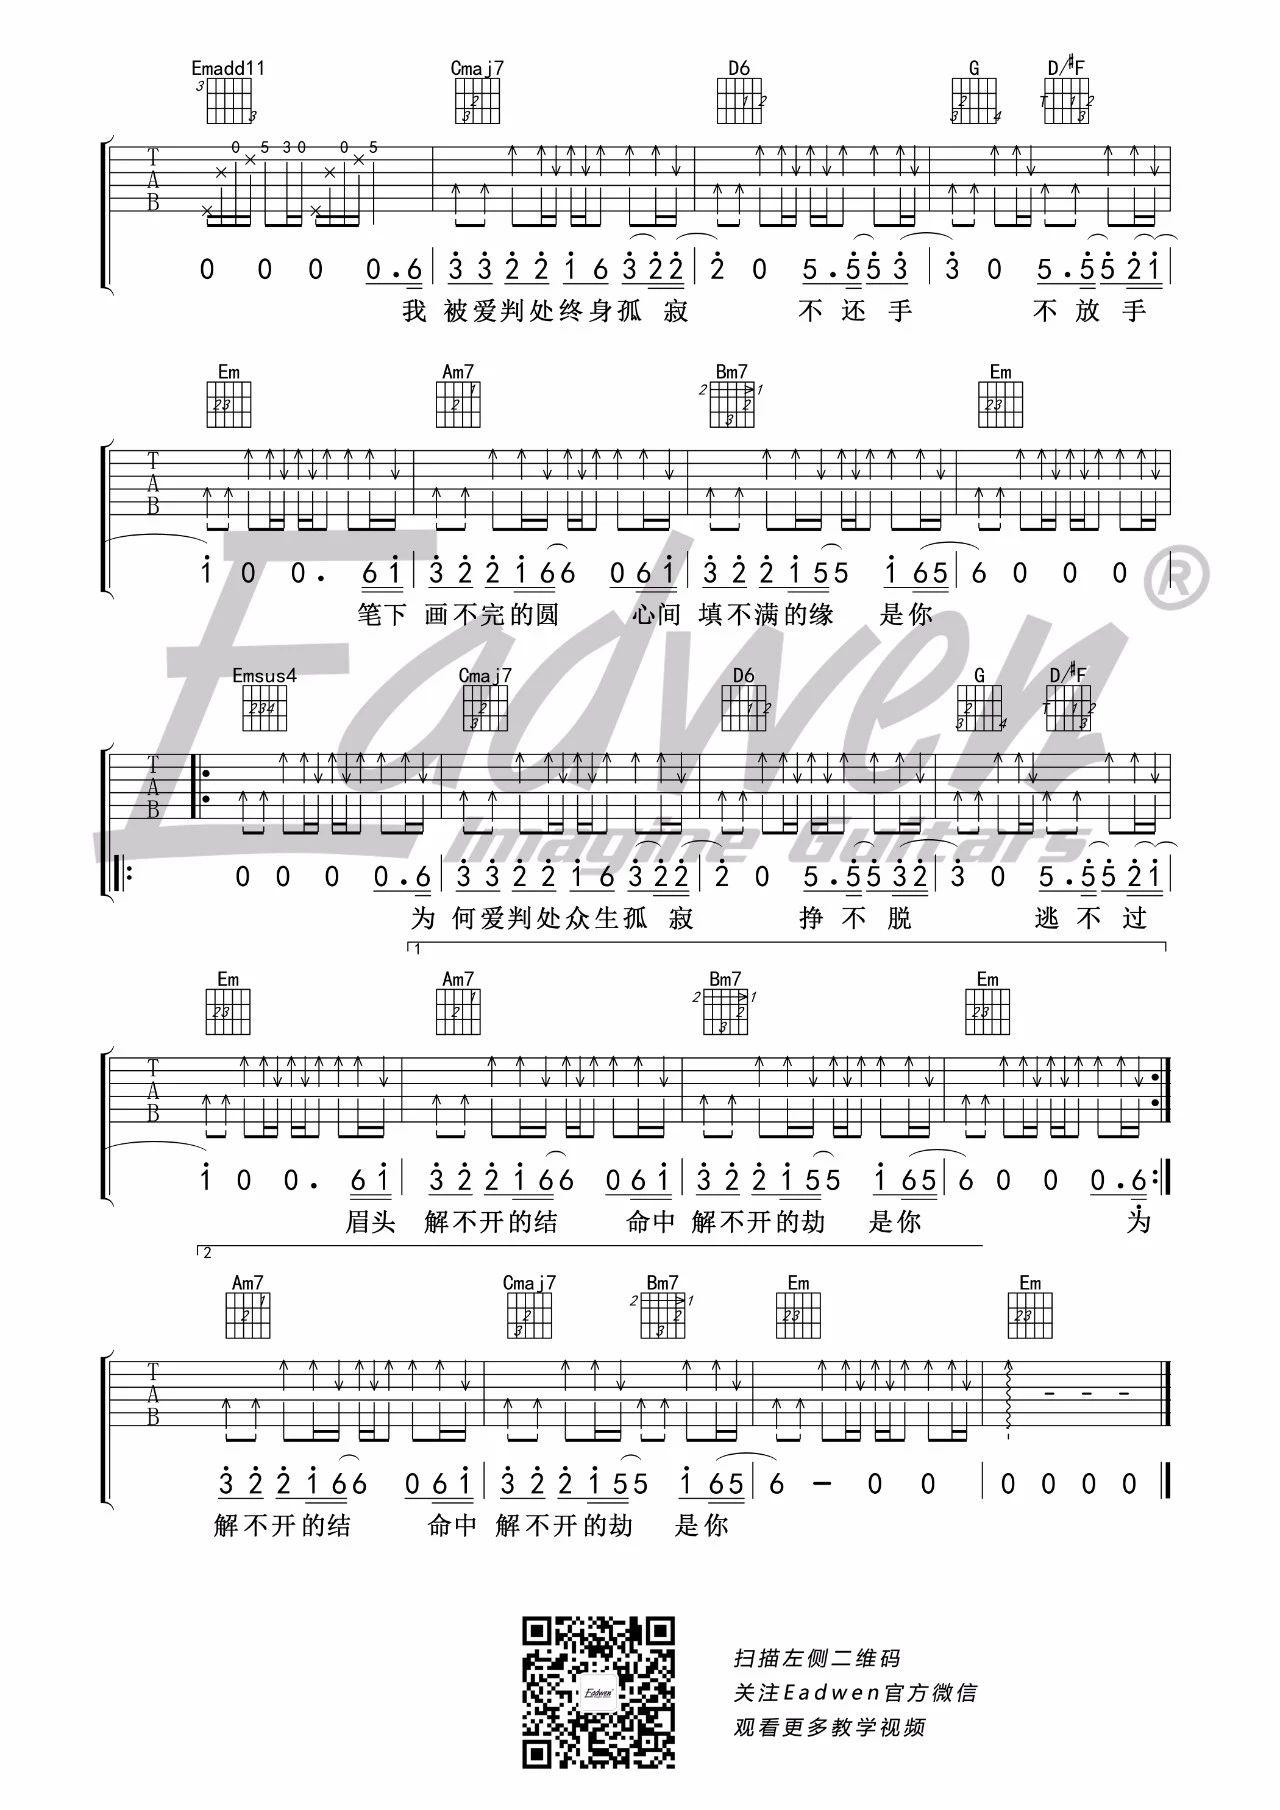 默的钢琴谱_《默》吉他谱_那英_吉他弹唱视频教程_G调吉他谱-吉他派